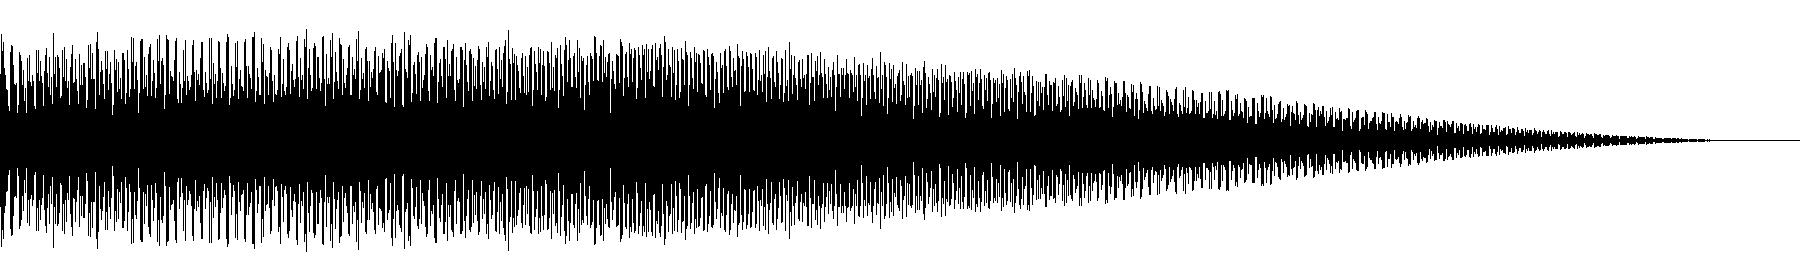 bluezone xworld sound 094